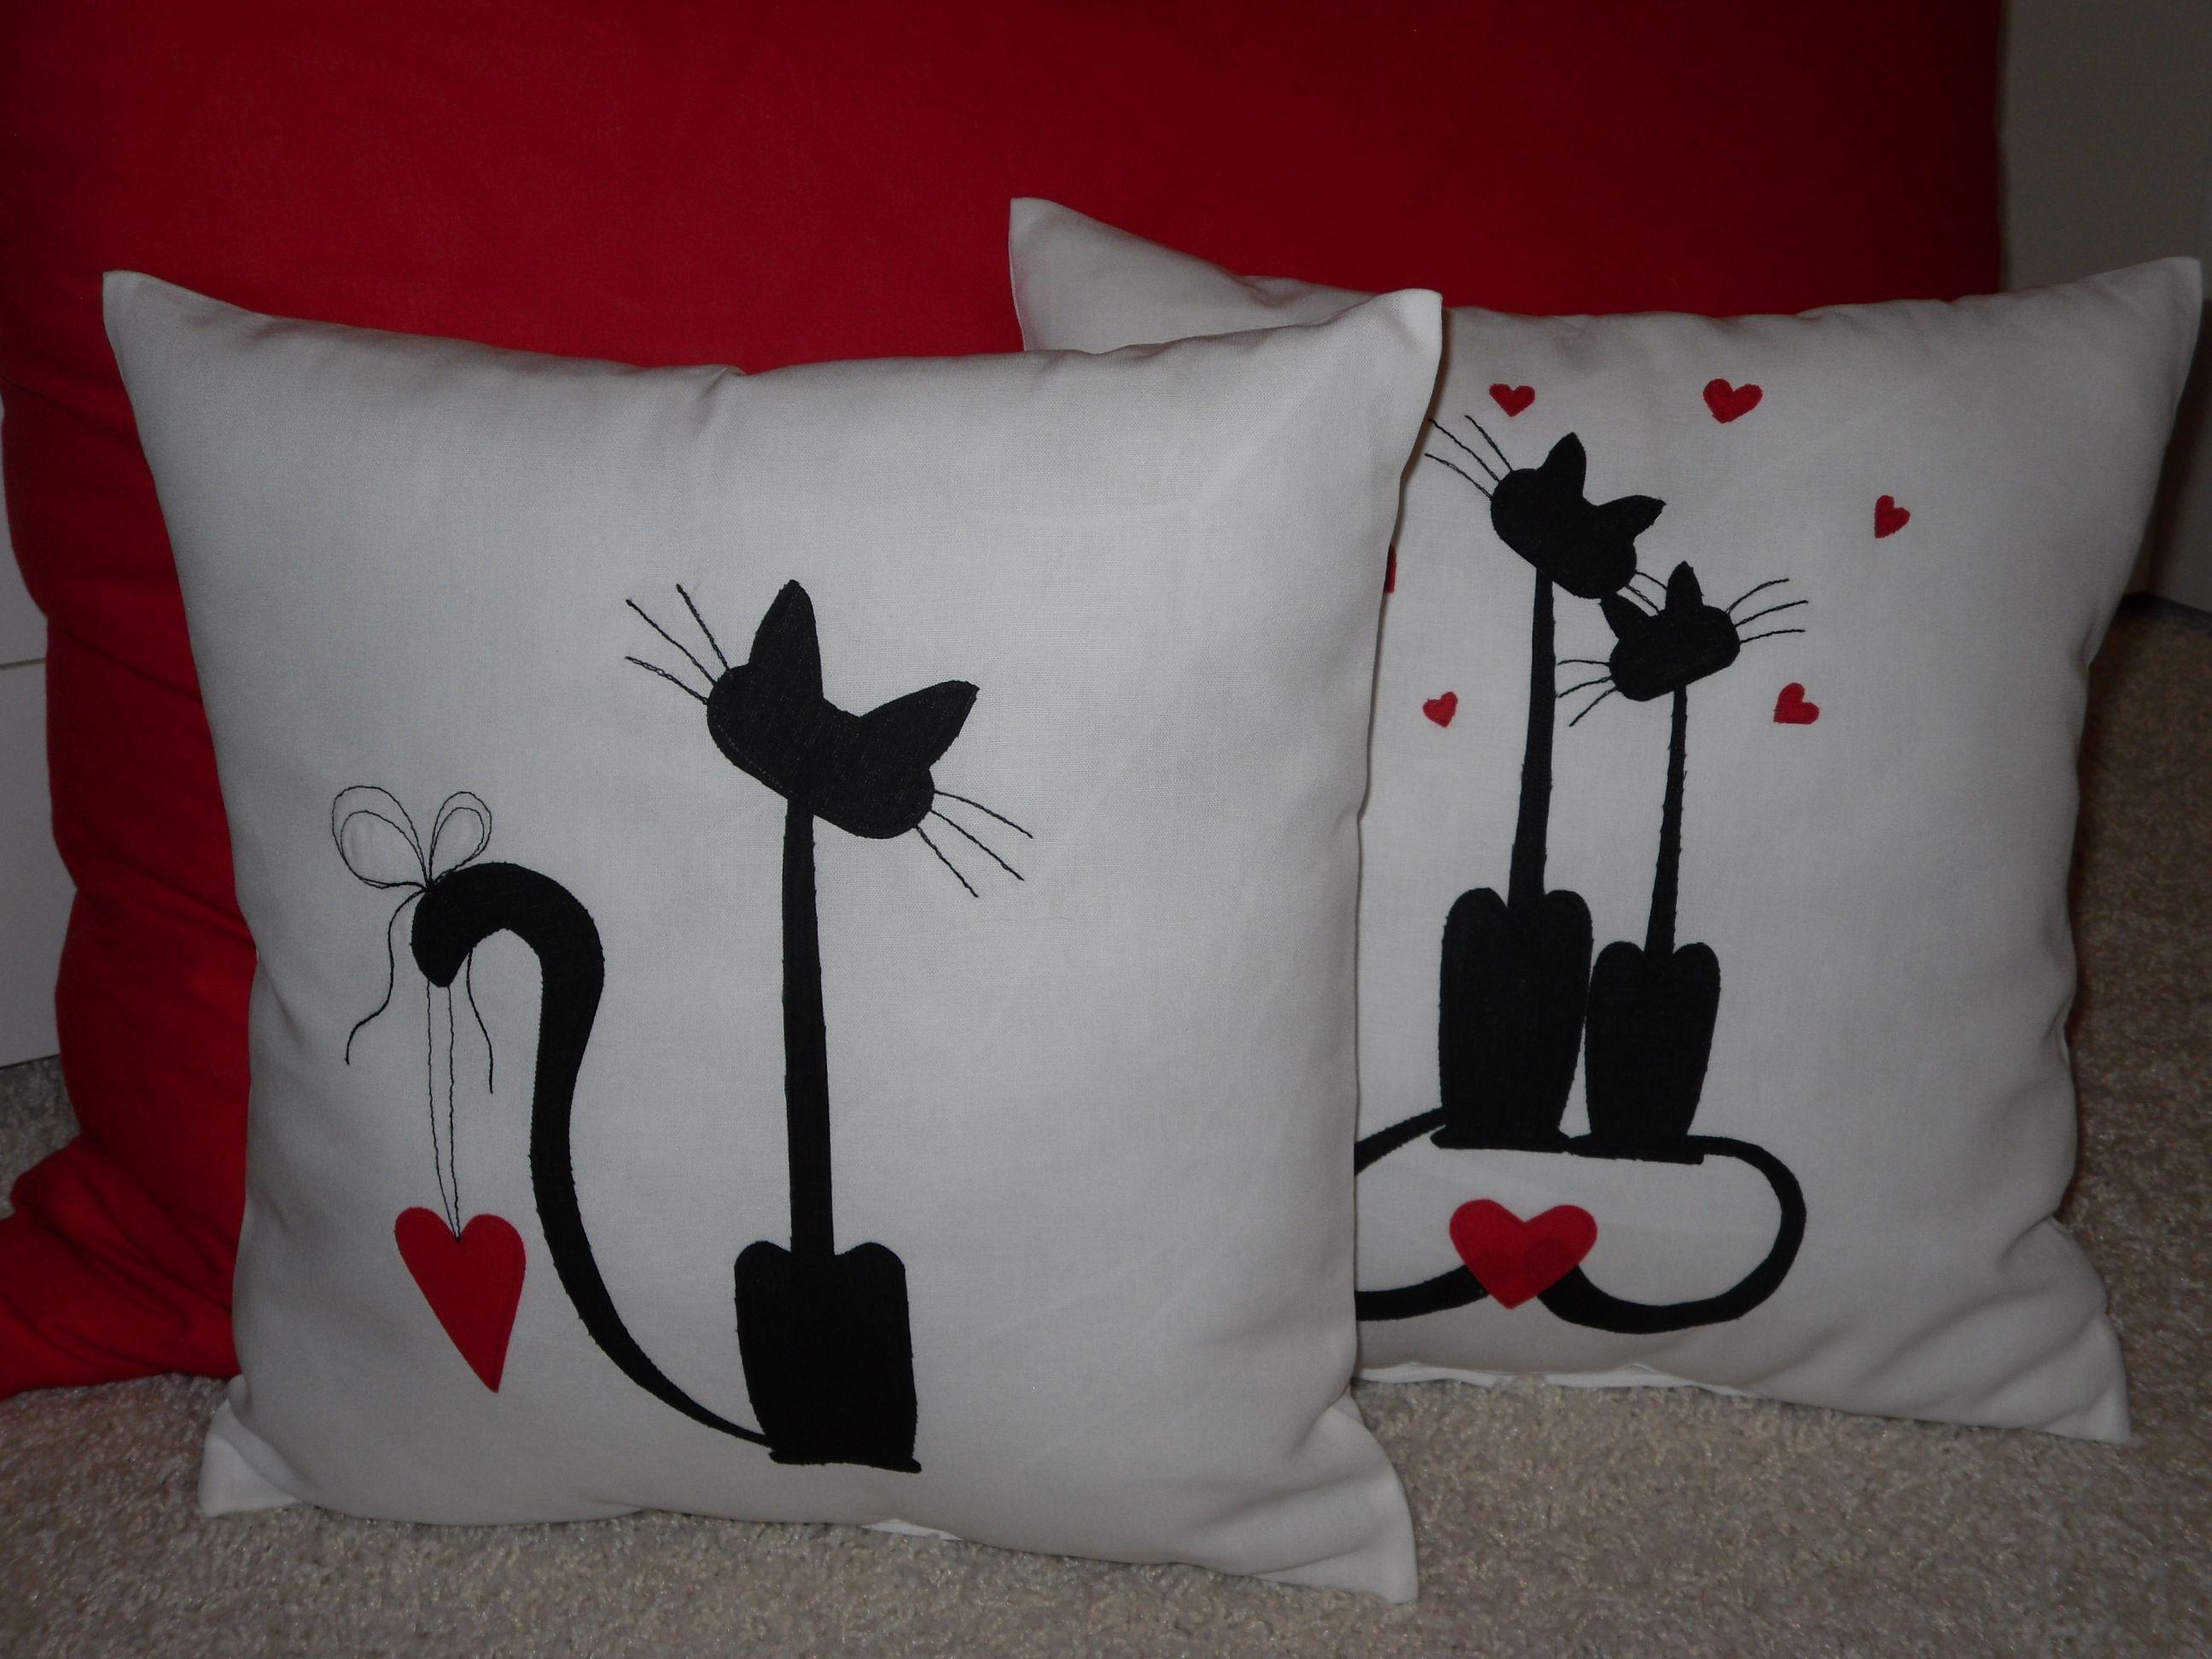 San valentin con gatitos almohadones sewing pillows diy pillows crochet cushions - Hacer cojines sofa ...